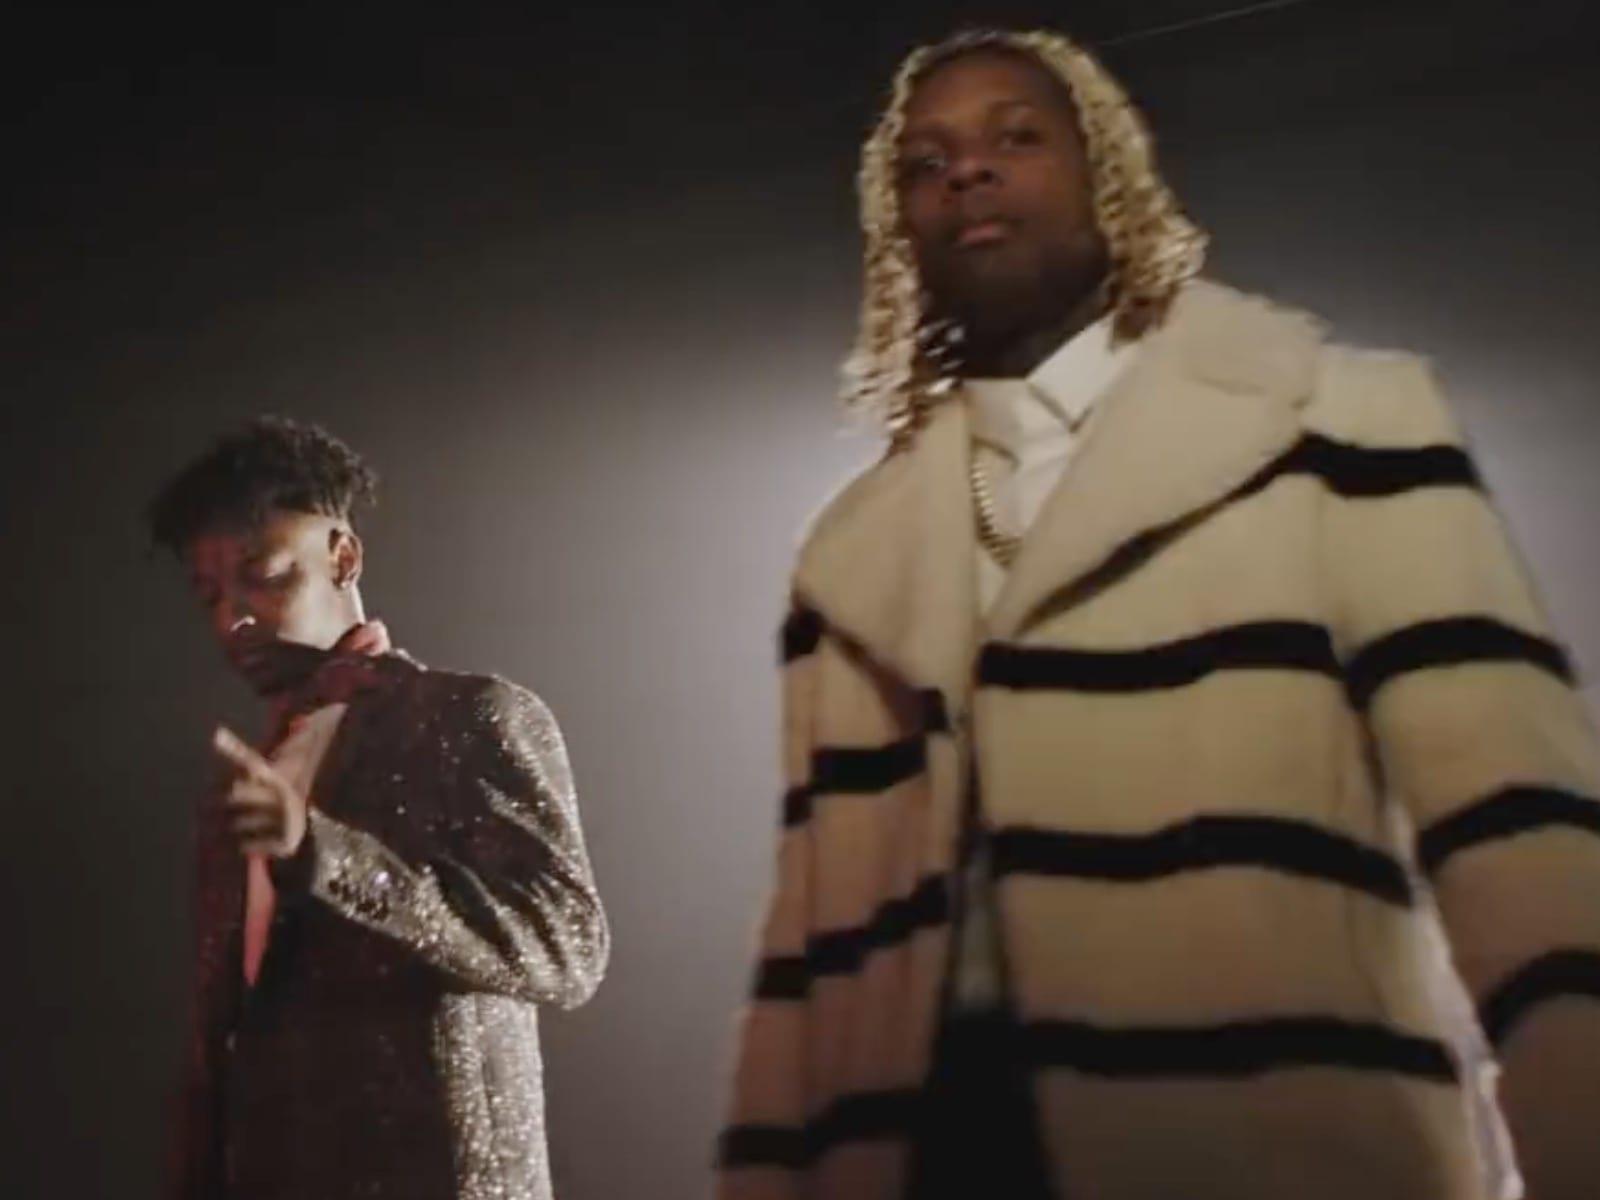 21 Savage Lil Durk Die Slow Video